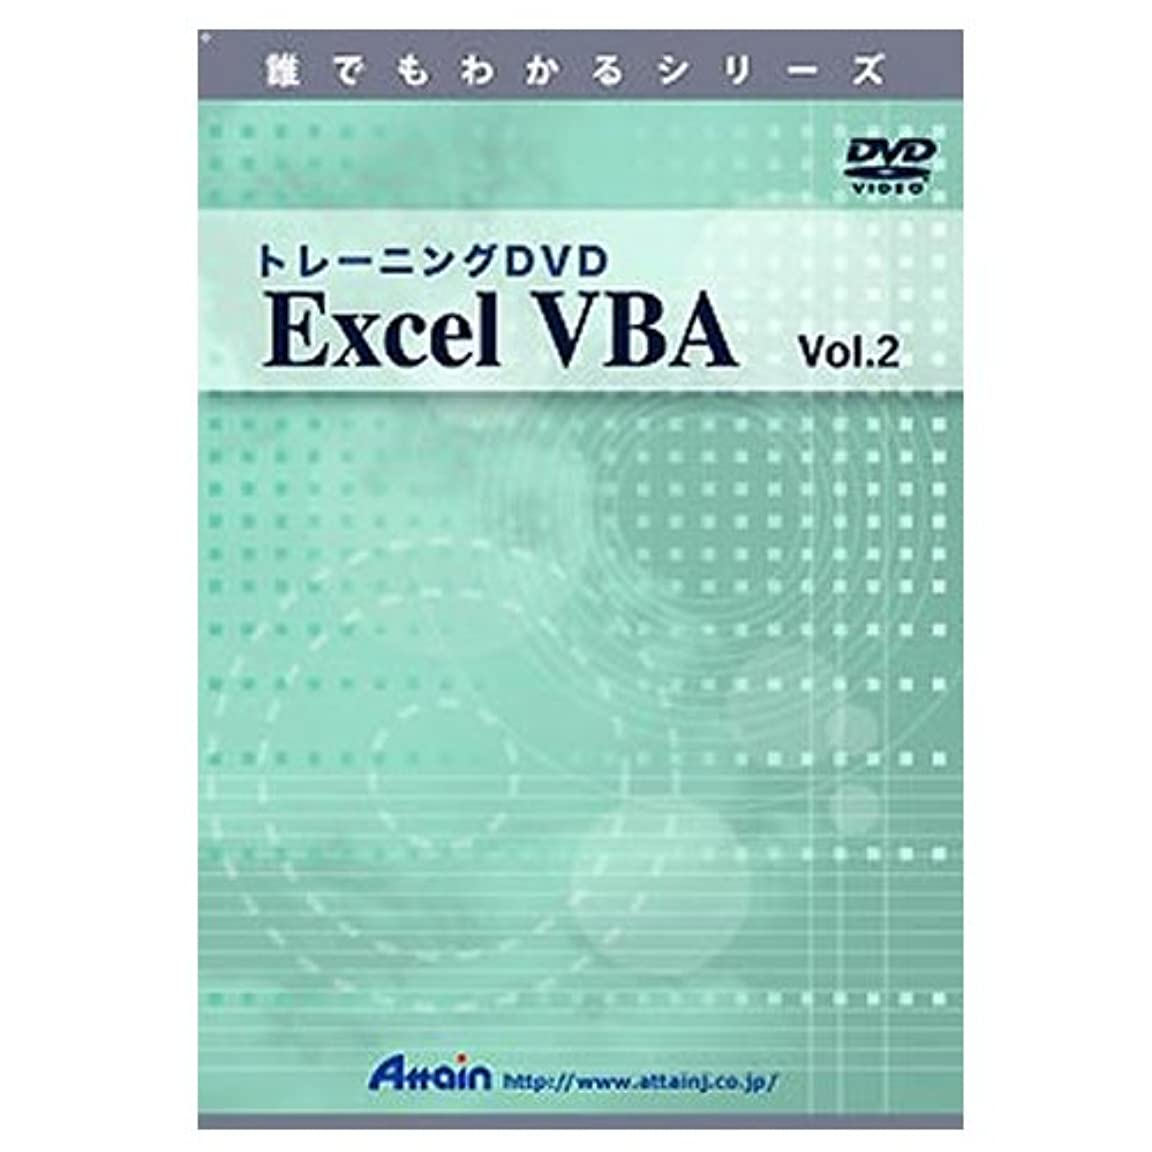 グレートバリアリーフレーザ中間トレーニングDVD Excel VBA Vol.2